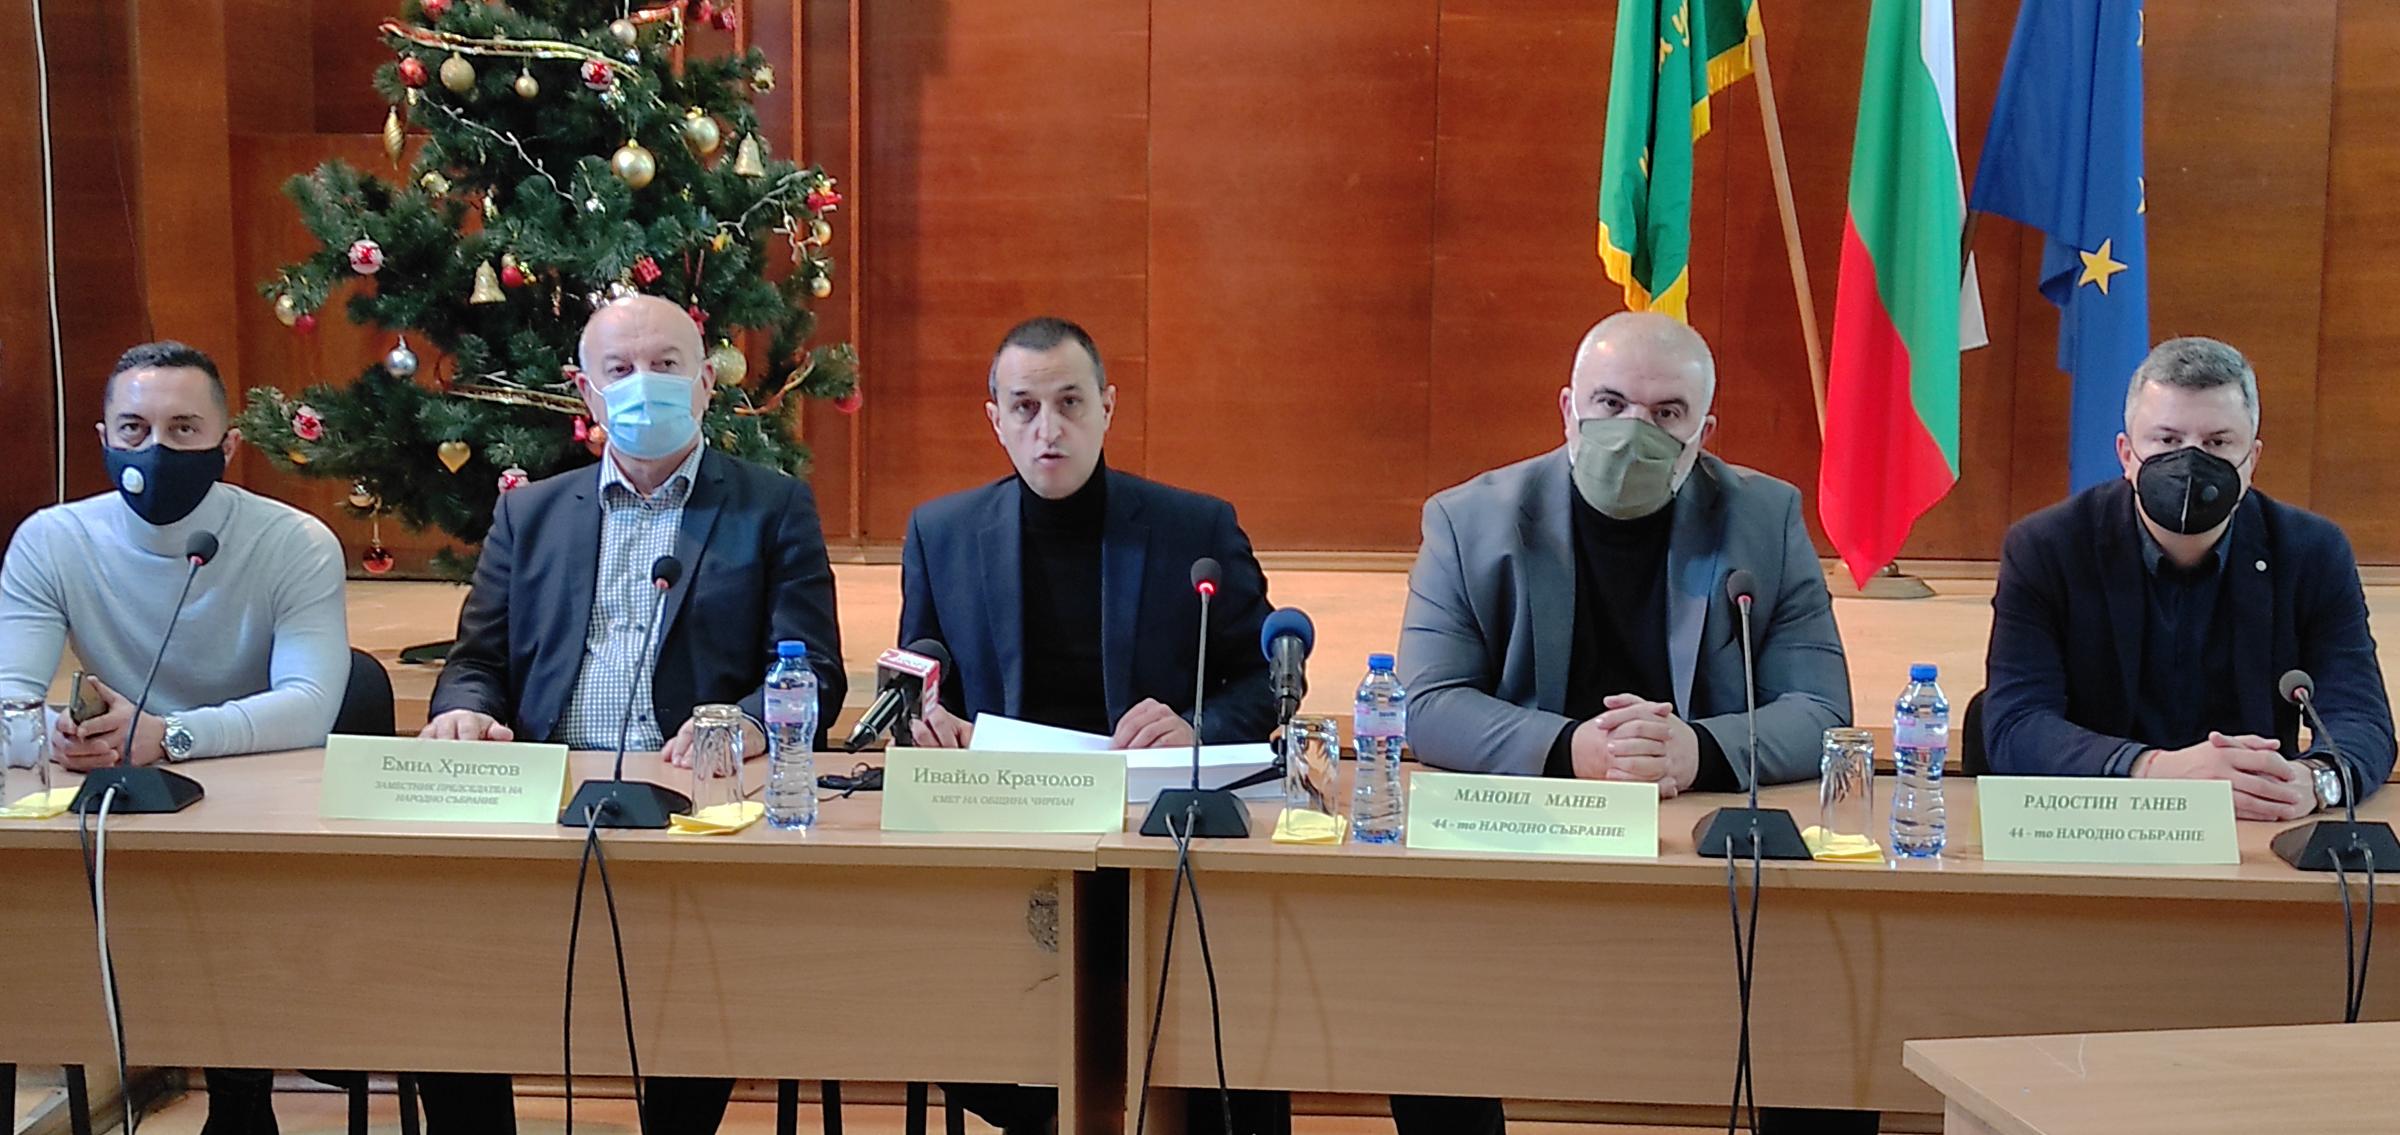 Ивайло Крачолов: Бюджетът на Община Чирпан е 20 млн. лева, от държавата получихме над 9 млн. лева субсидии